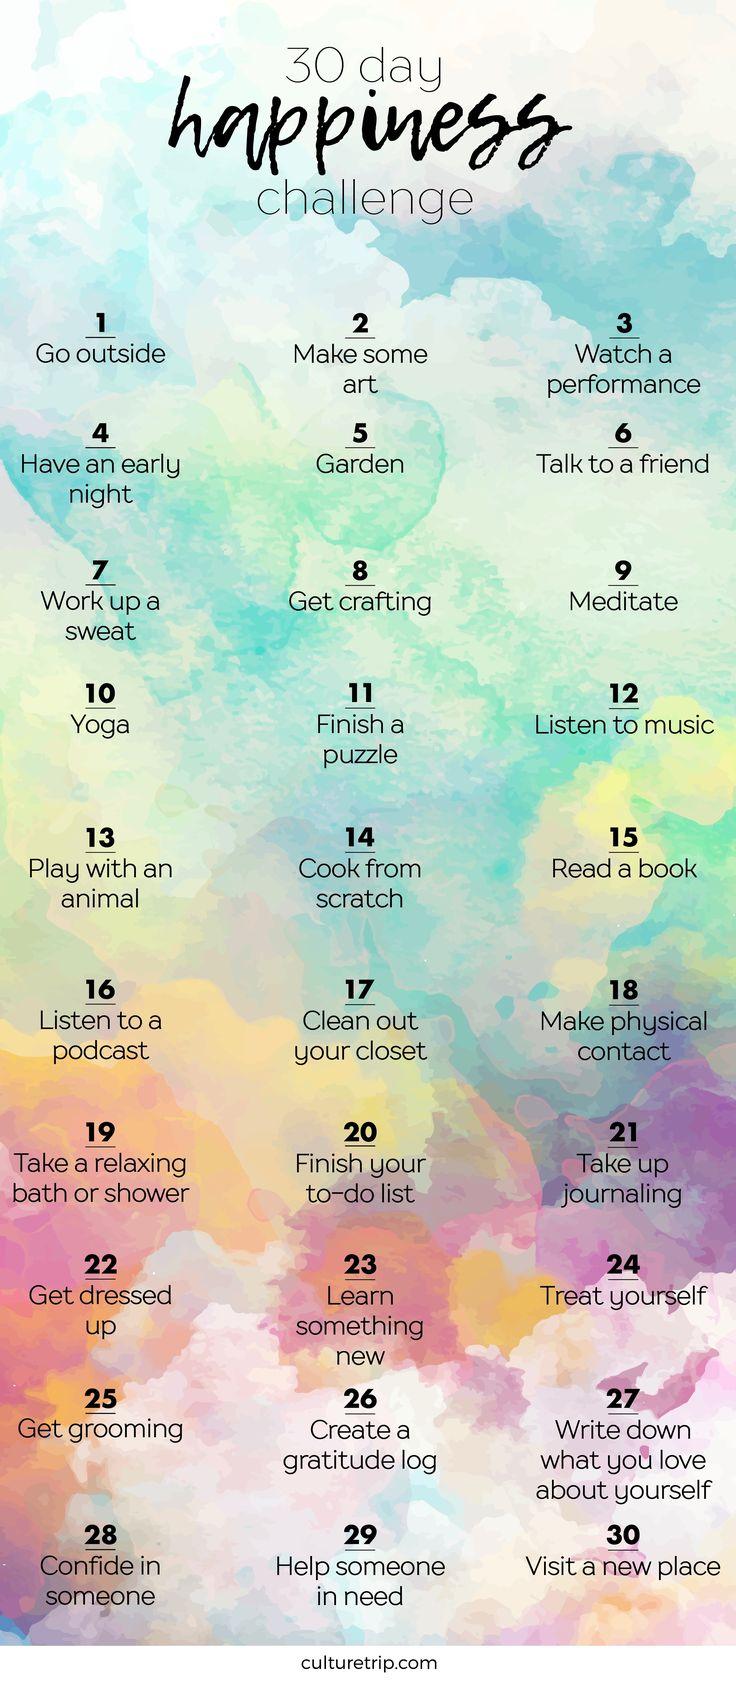 The 30 Day Happiness ChallengeNikki Stilwell